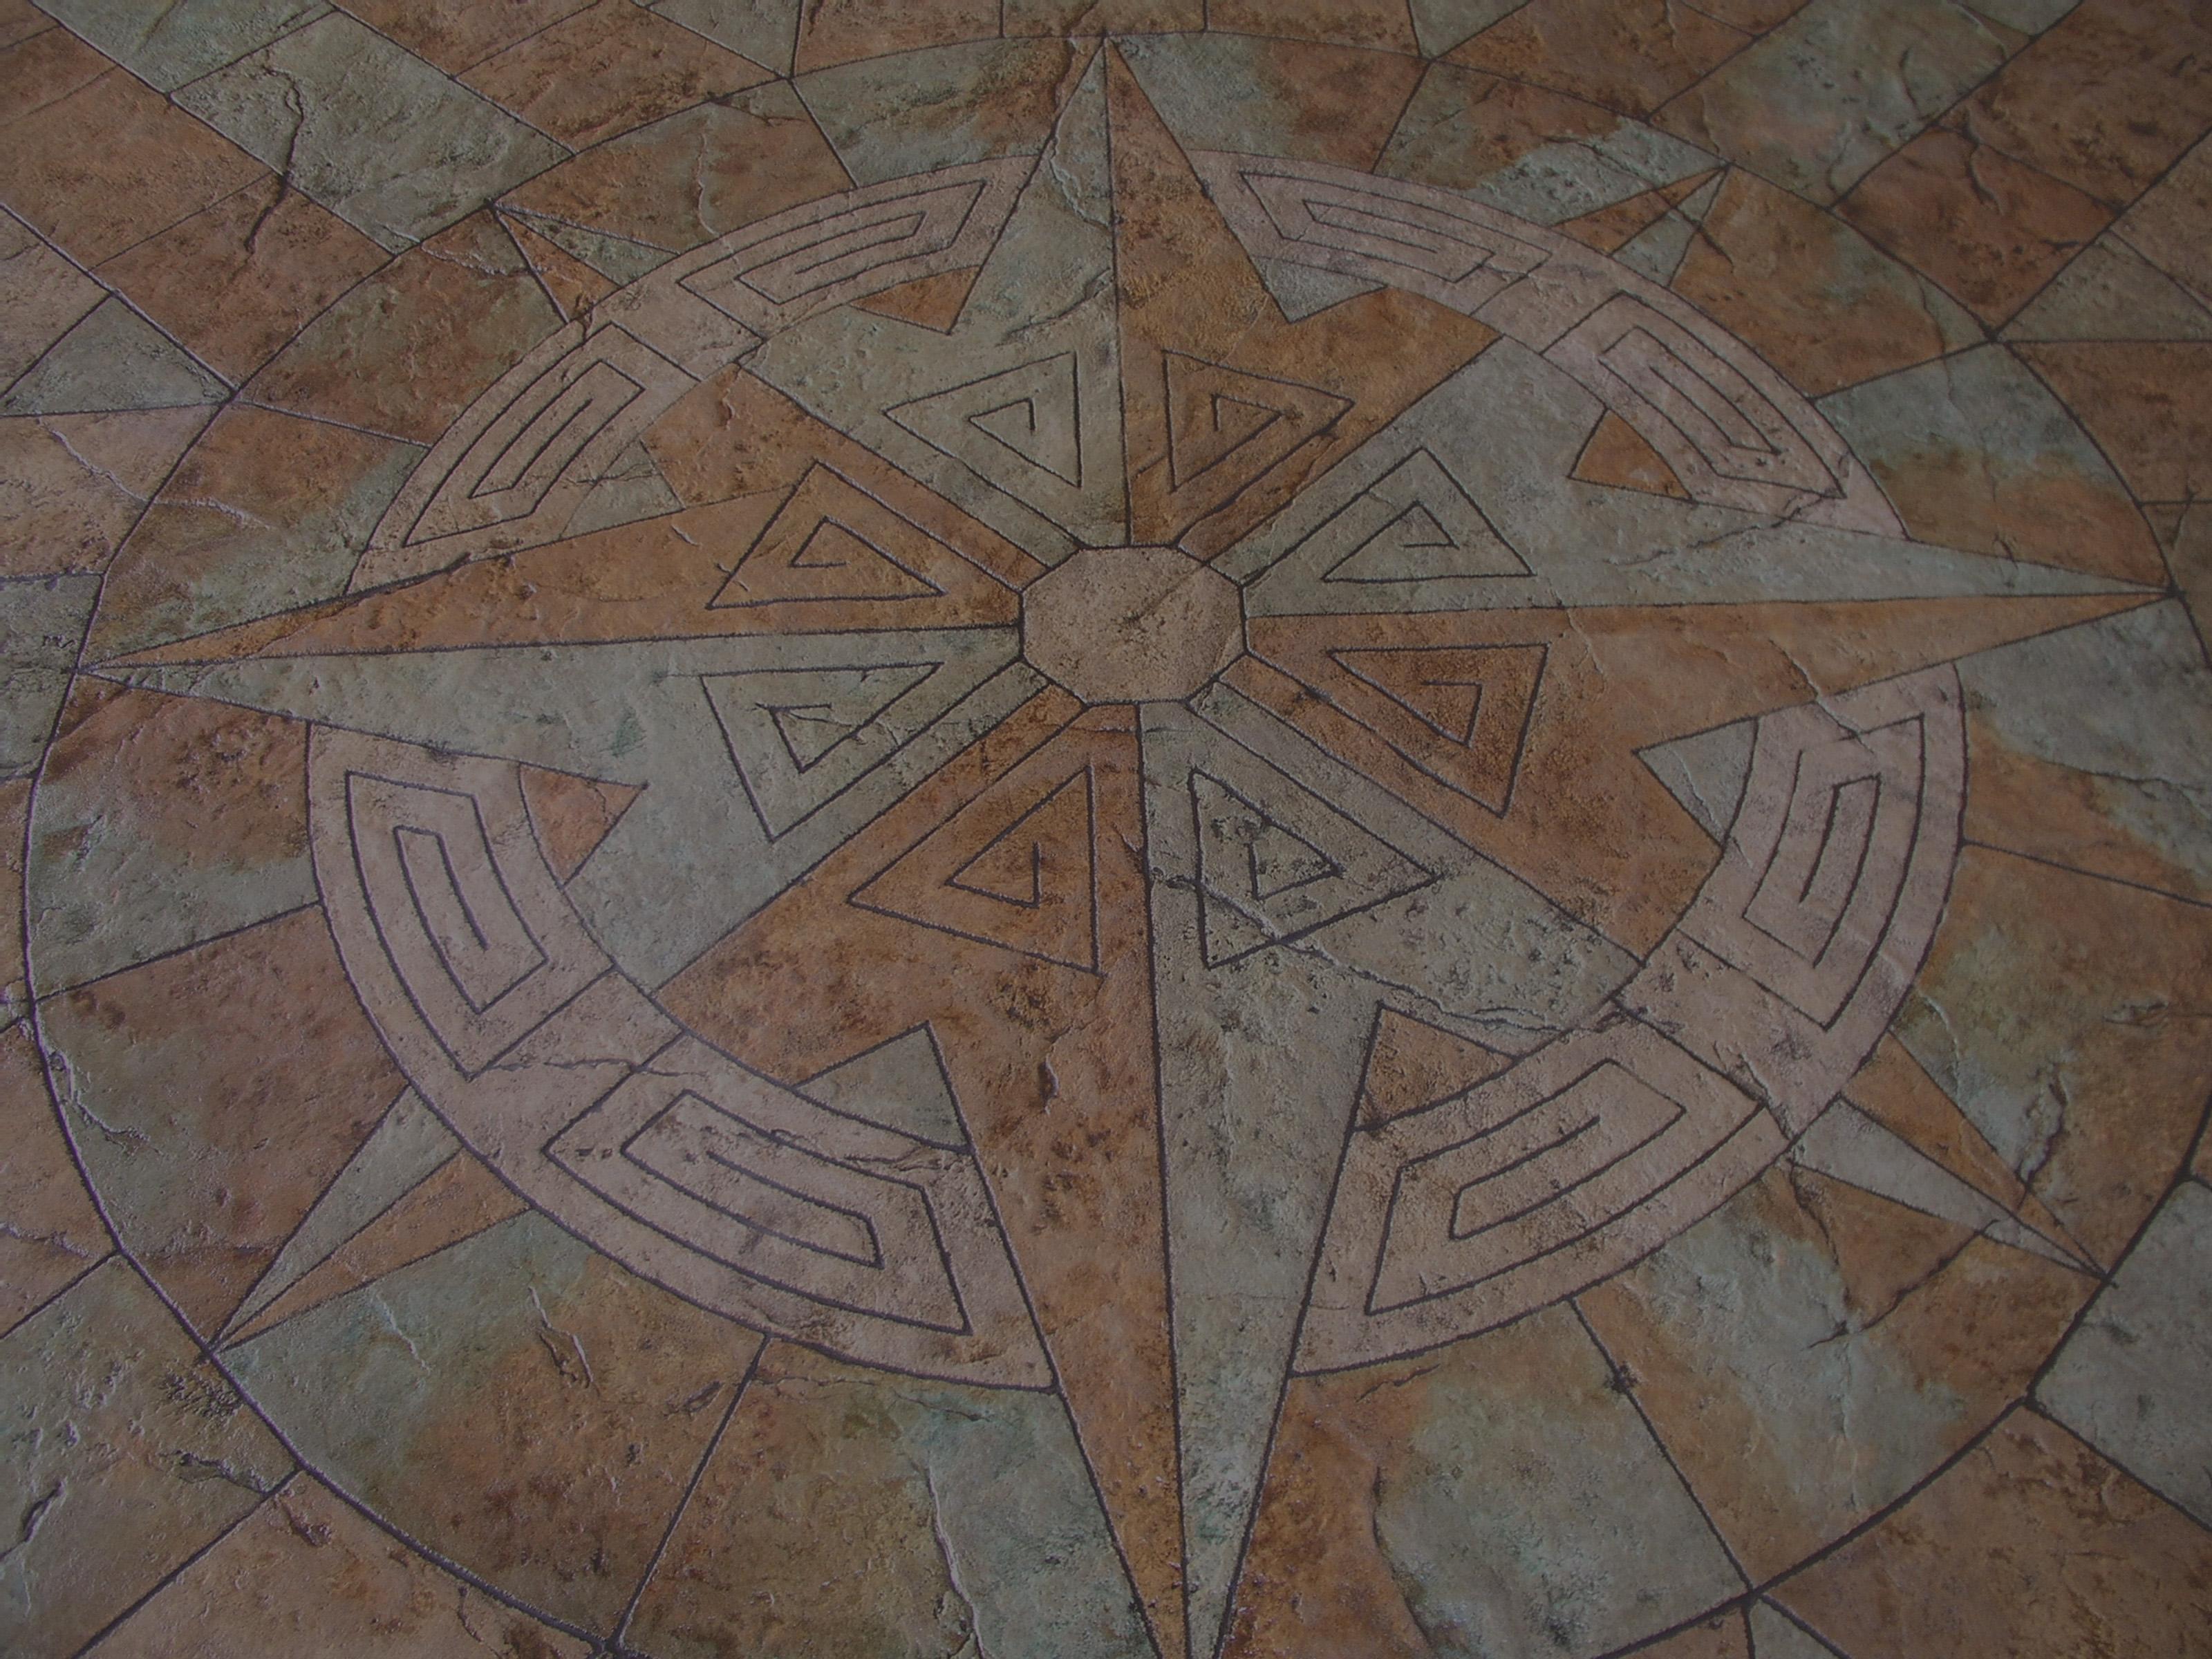 Americrete stain and decorative stamp